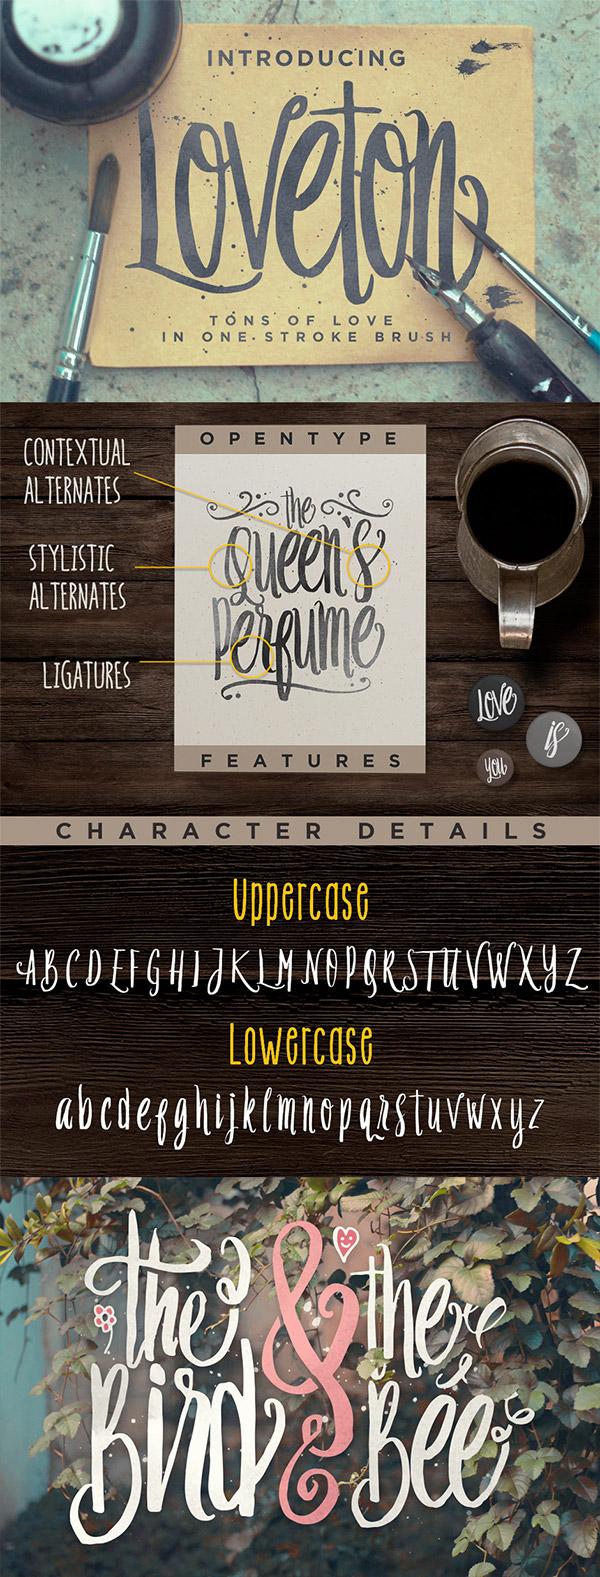 Loveton font preview